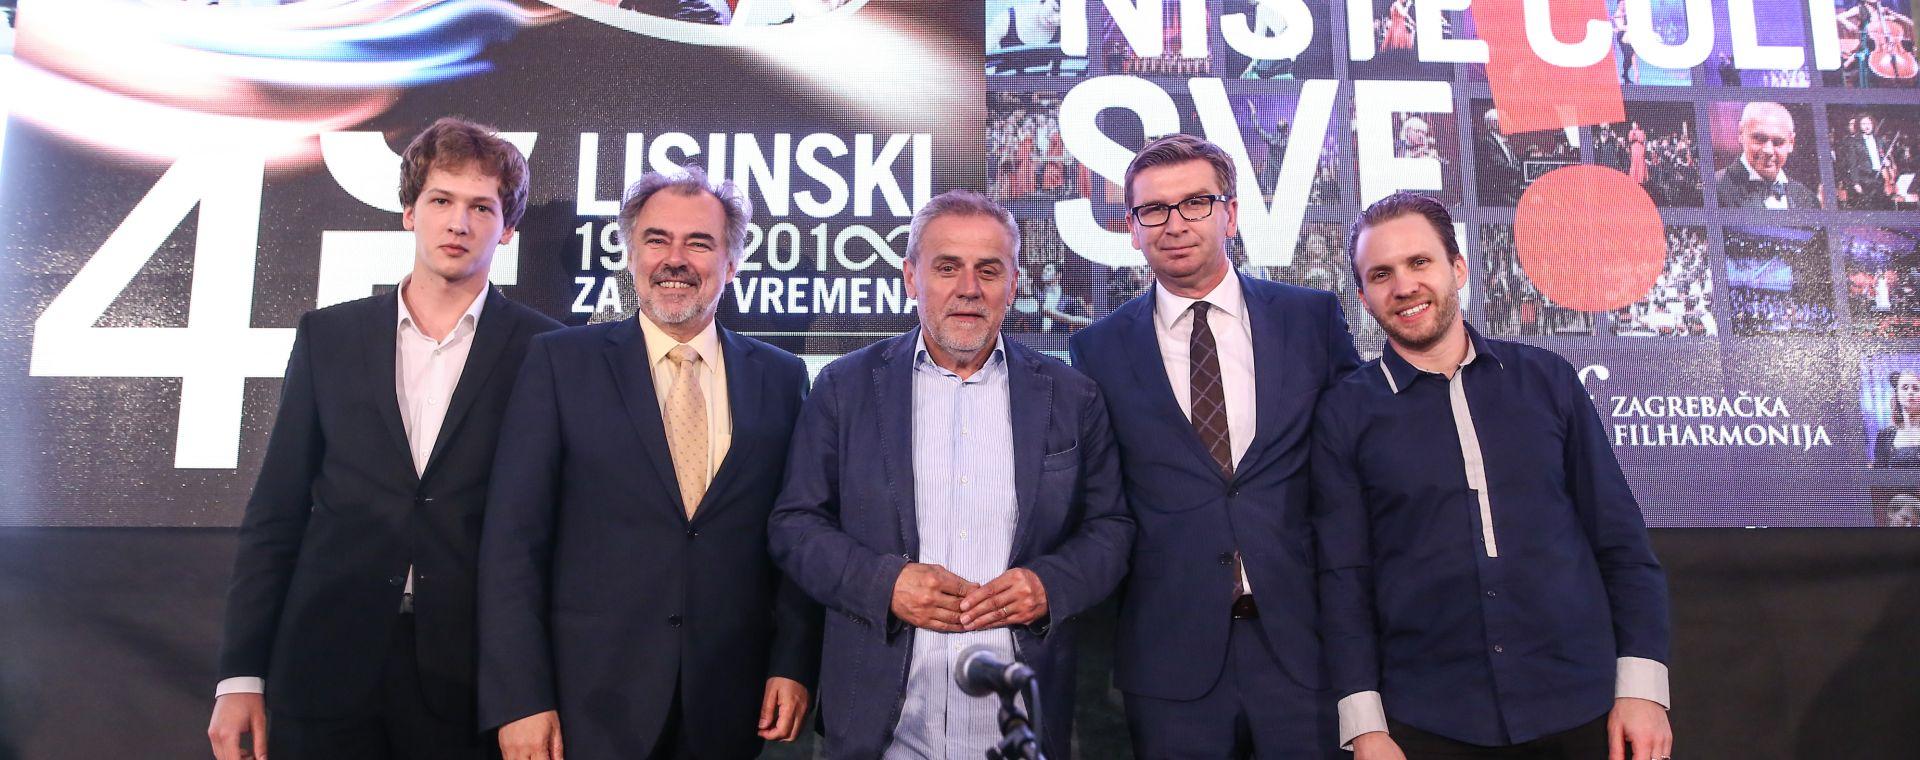 LISINSKI I ZAGREBAČKA FILHARMONIJA Predstavljena nova sezona